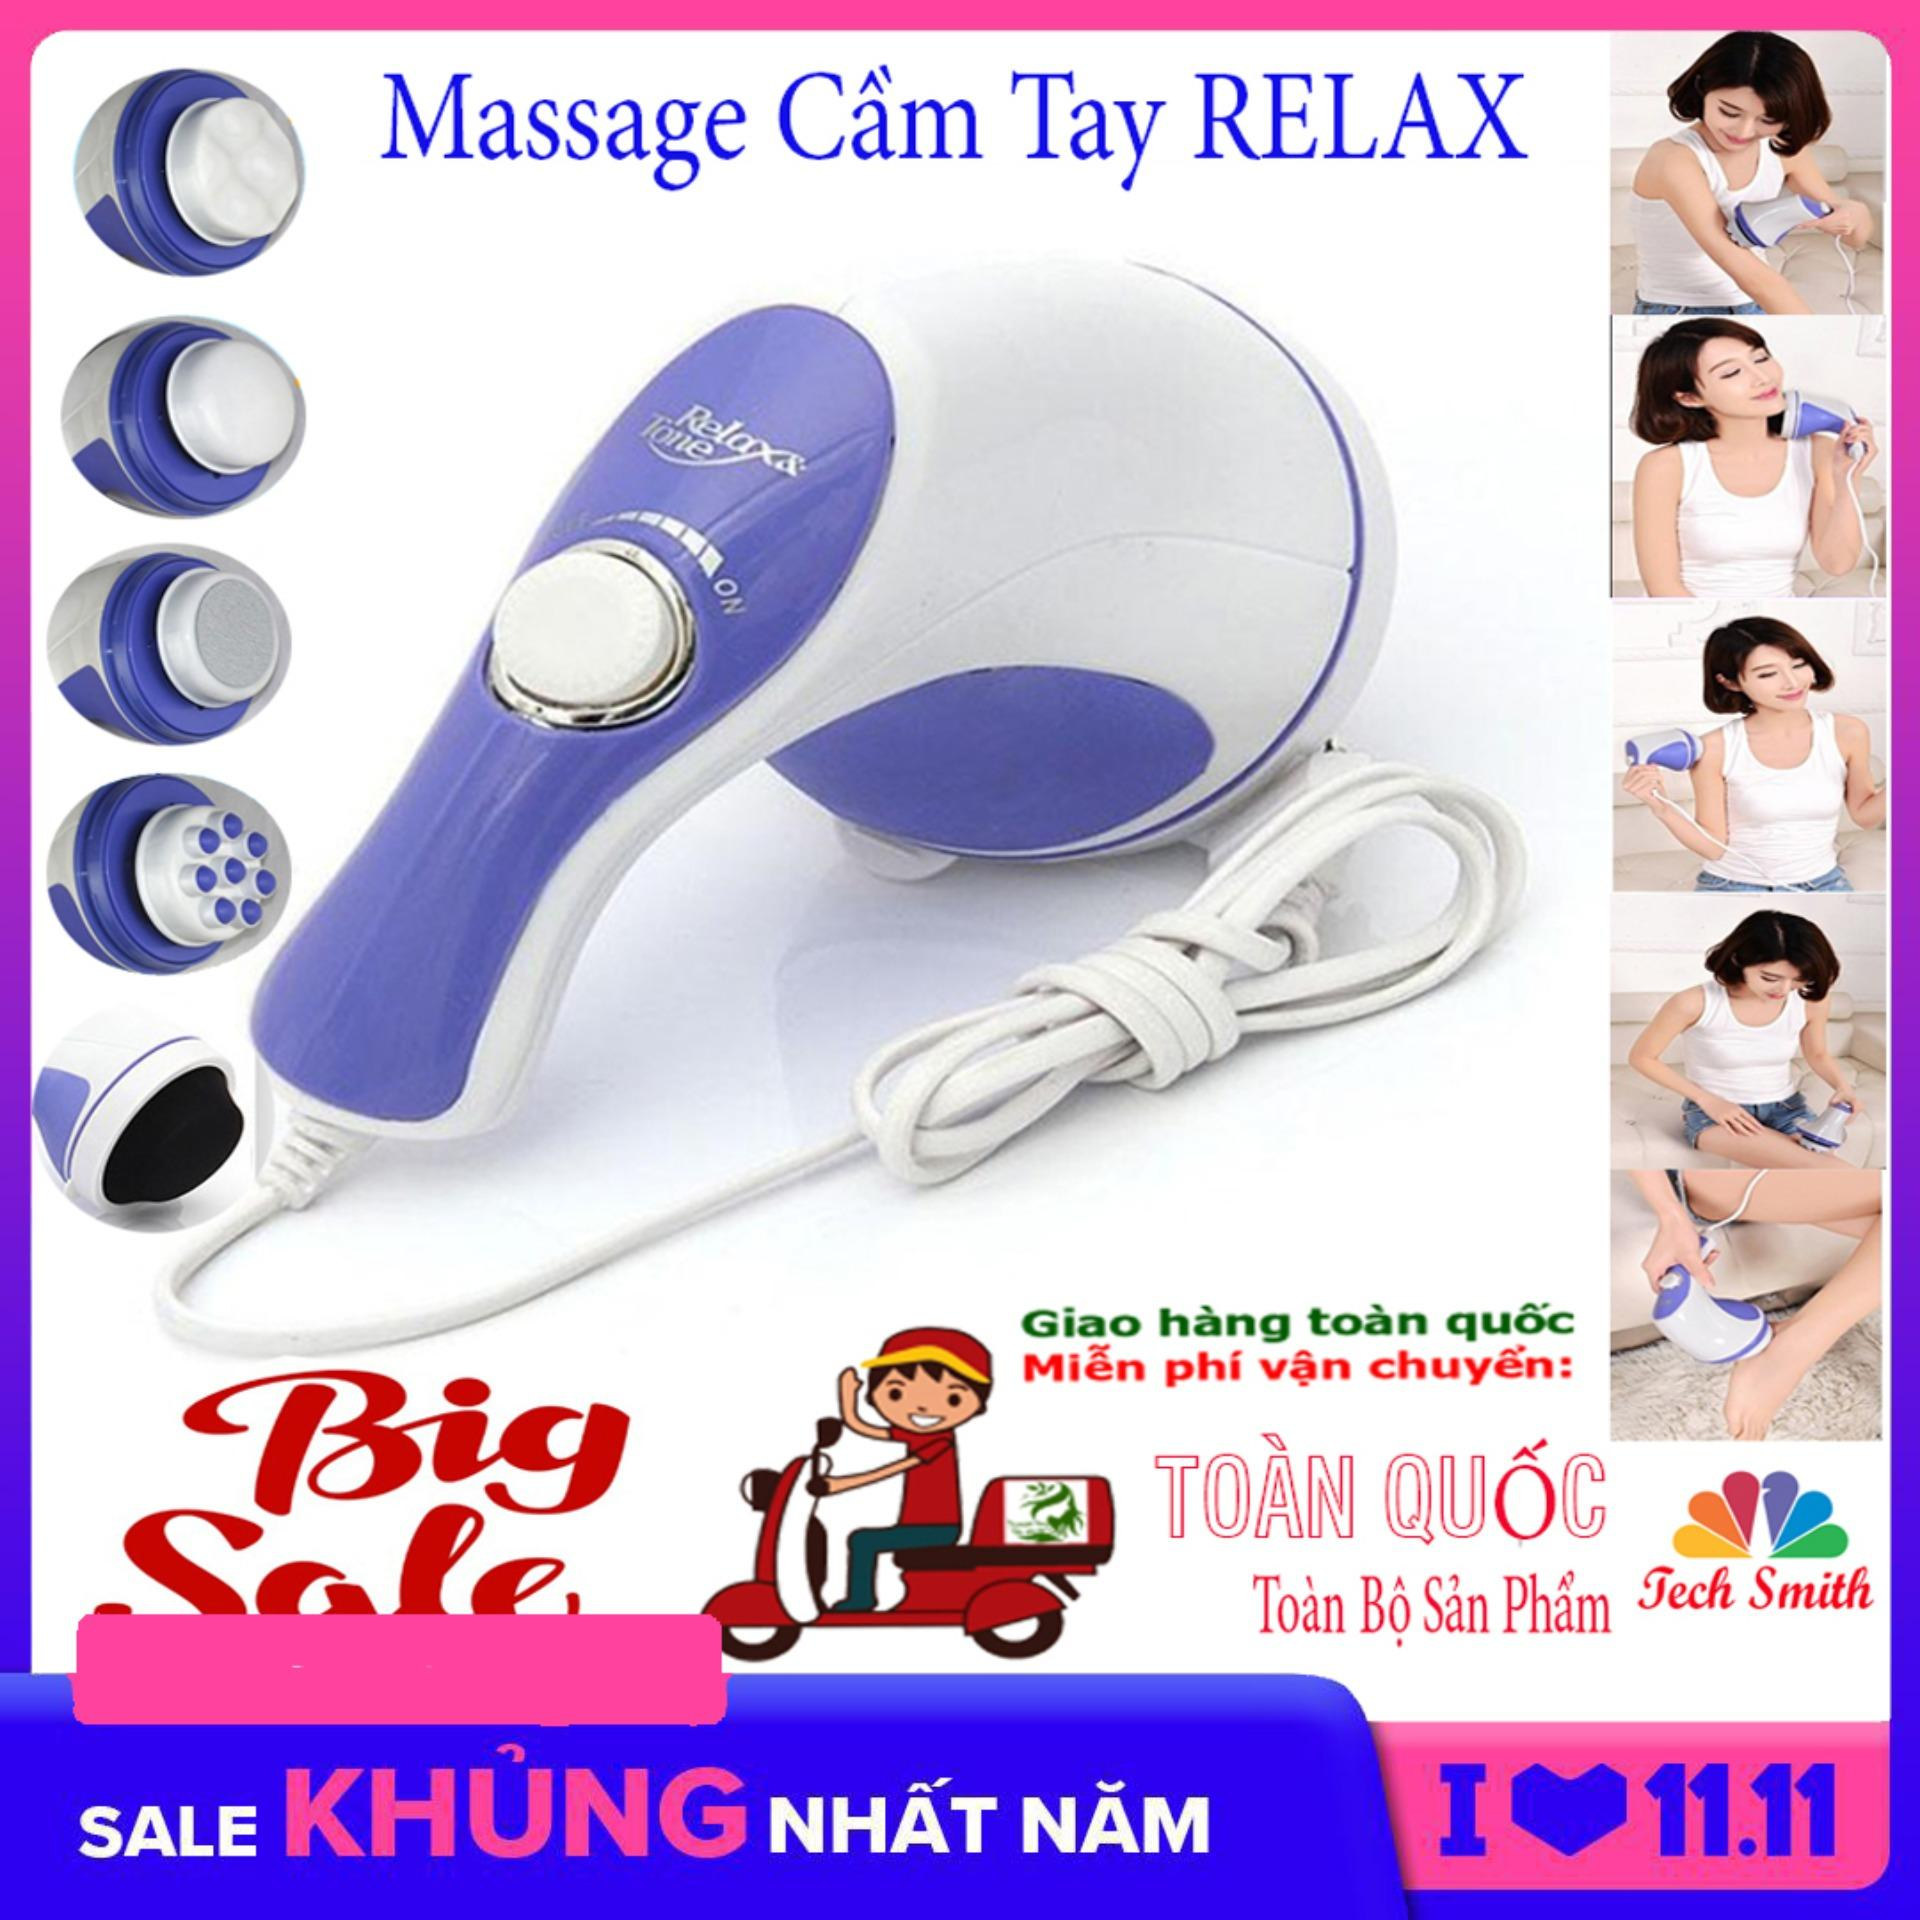 Máy Đấm Lưng Hàn Quốc Massage Cầm Tay 5 Đầu Đánh (Relax)Cao Cấp Giá Rẻ  Chất Lượng Vượt Trội Giảm Nhức Mỏi,Xả Trest Hiệu Quả.Giá Hấp Dẫn(-50%) Bh 1 Đổi 32 Mã 049TSM3958 Có Giá Tốt